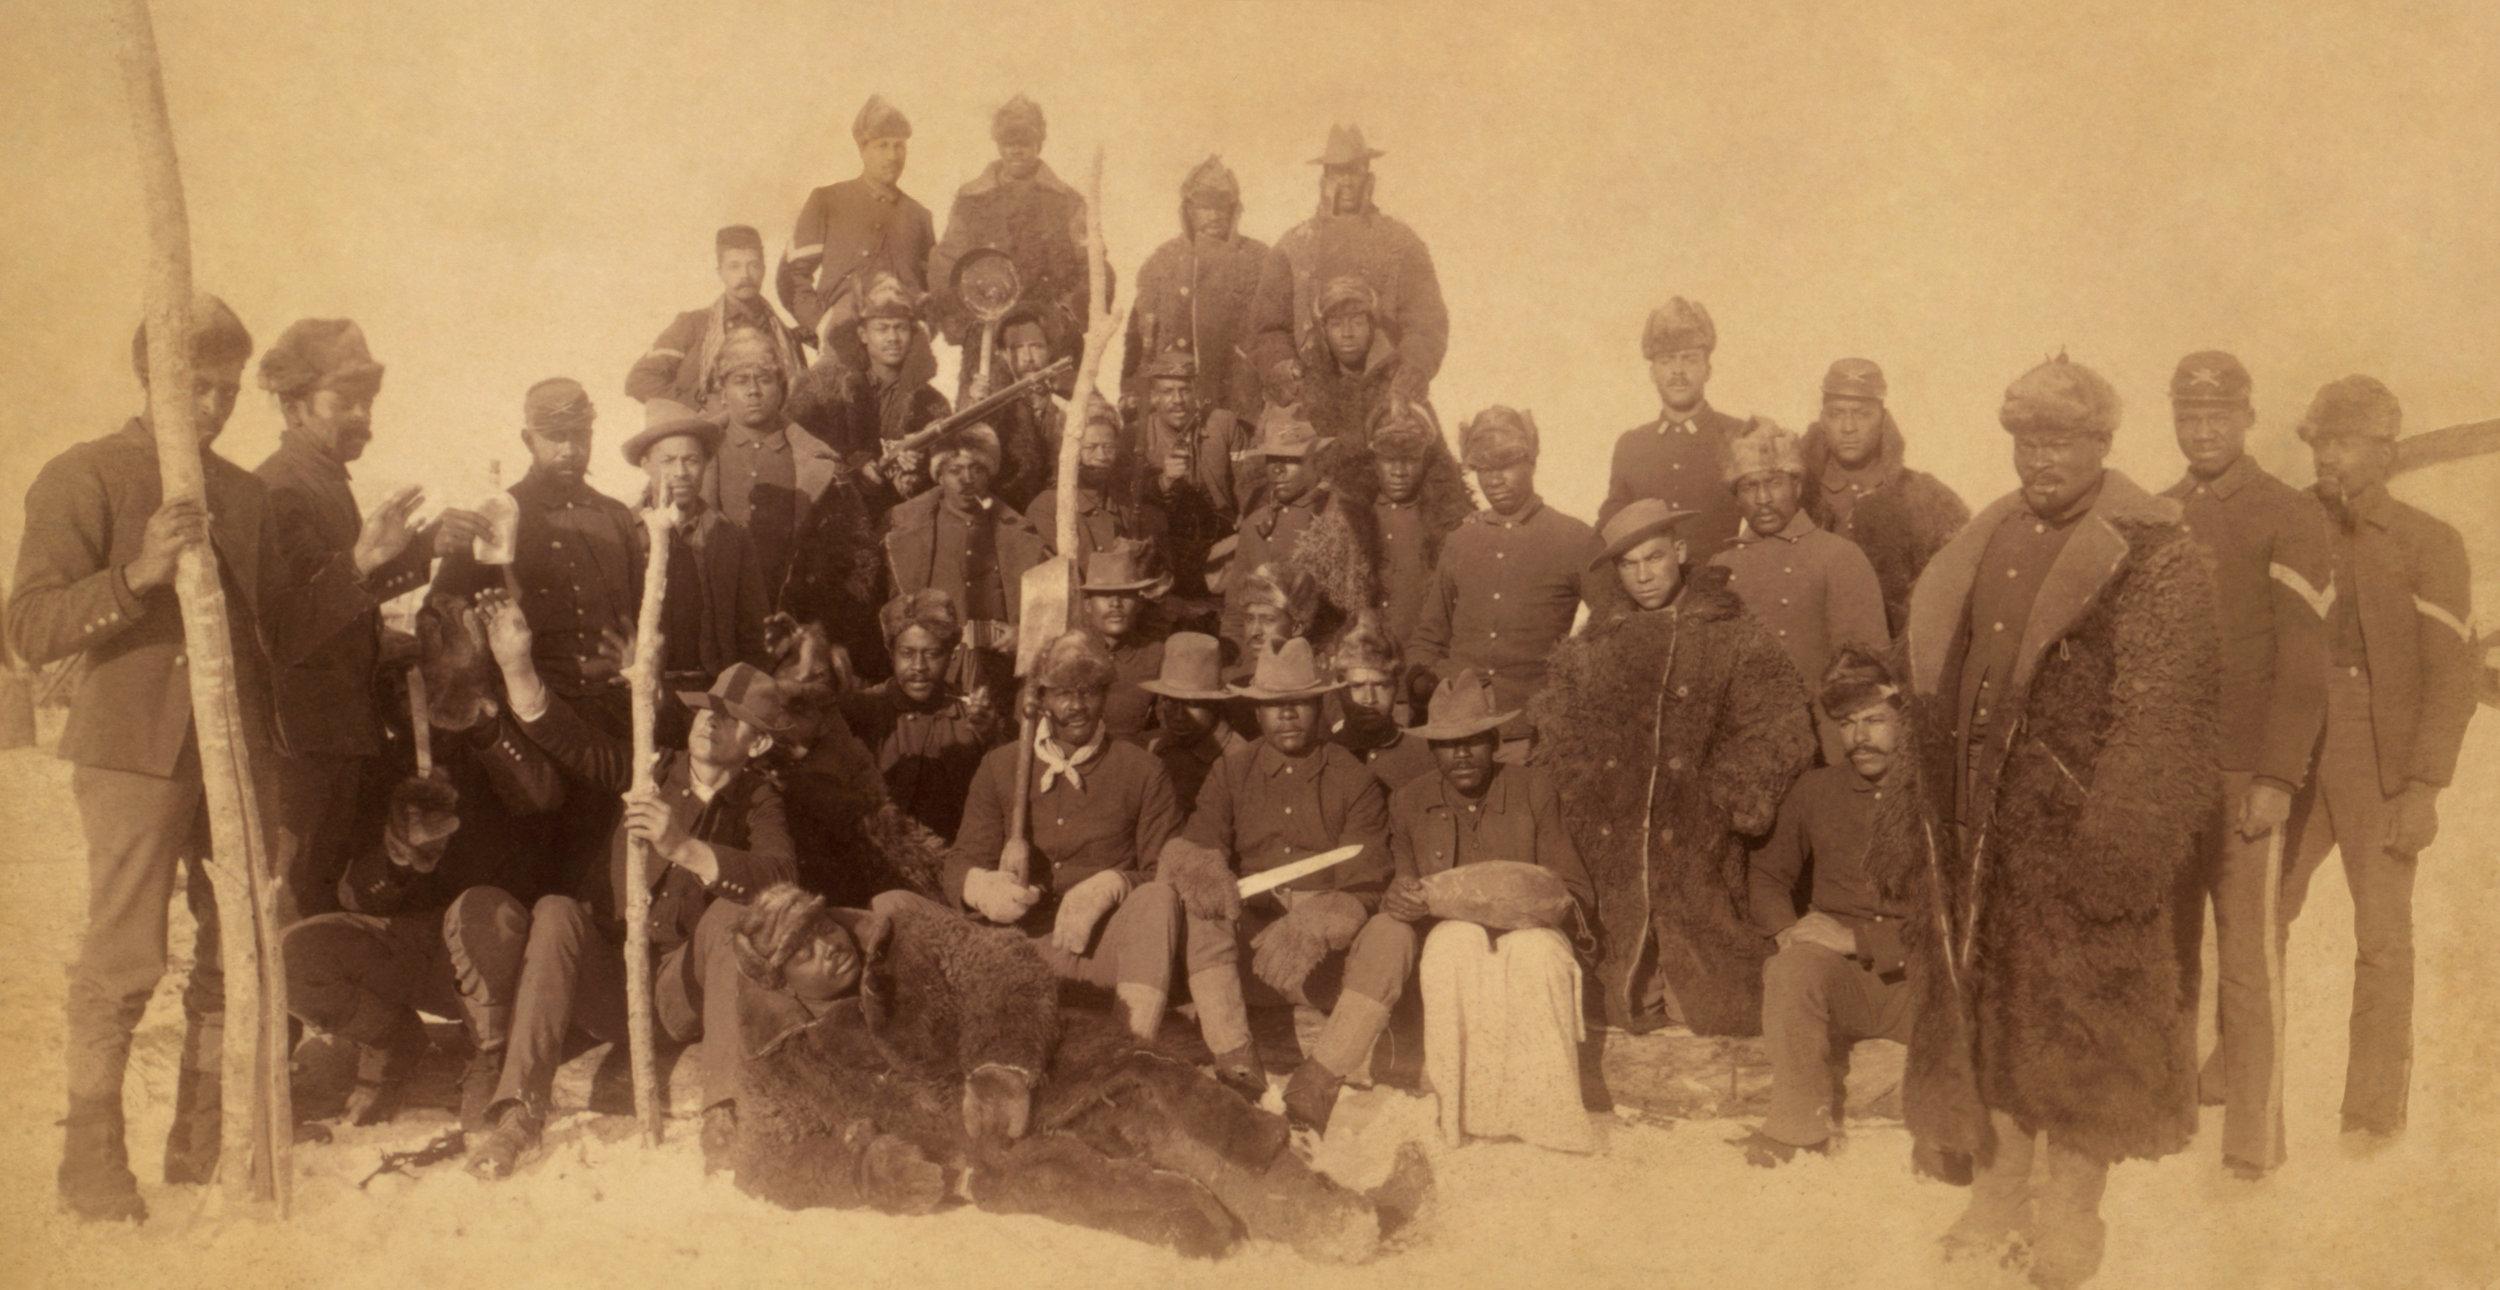 Buffalo_soldiers1.jpg